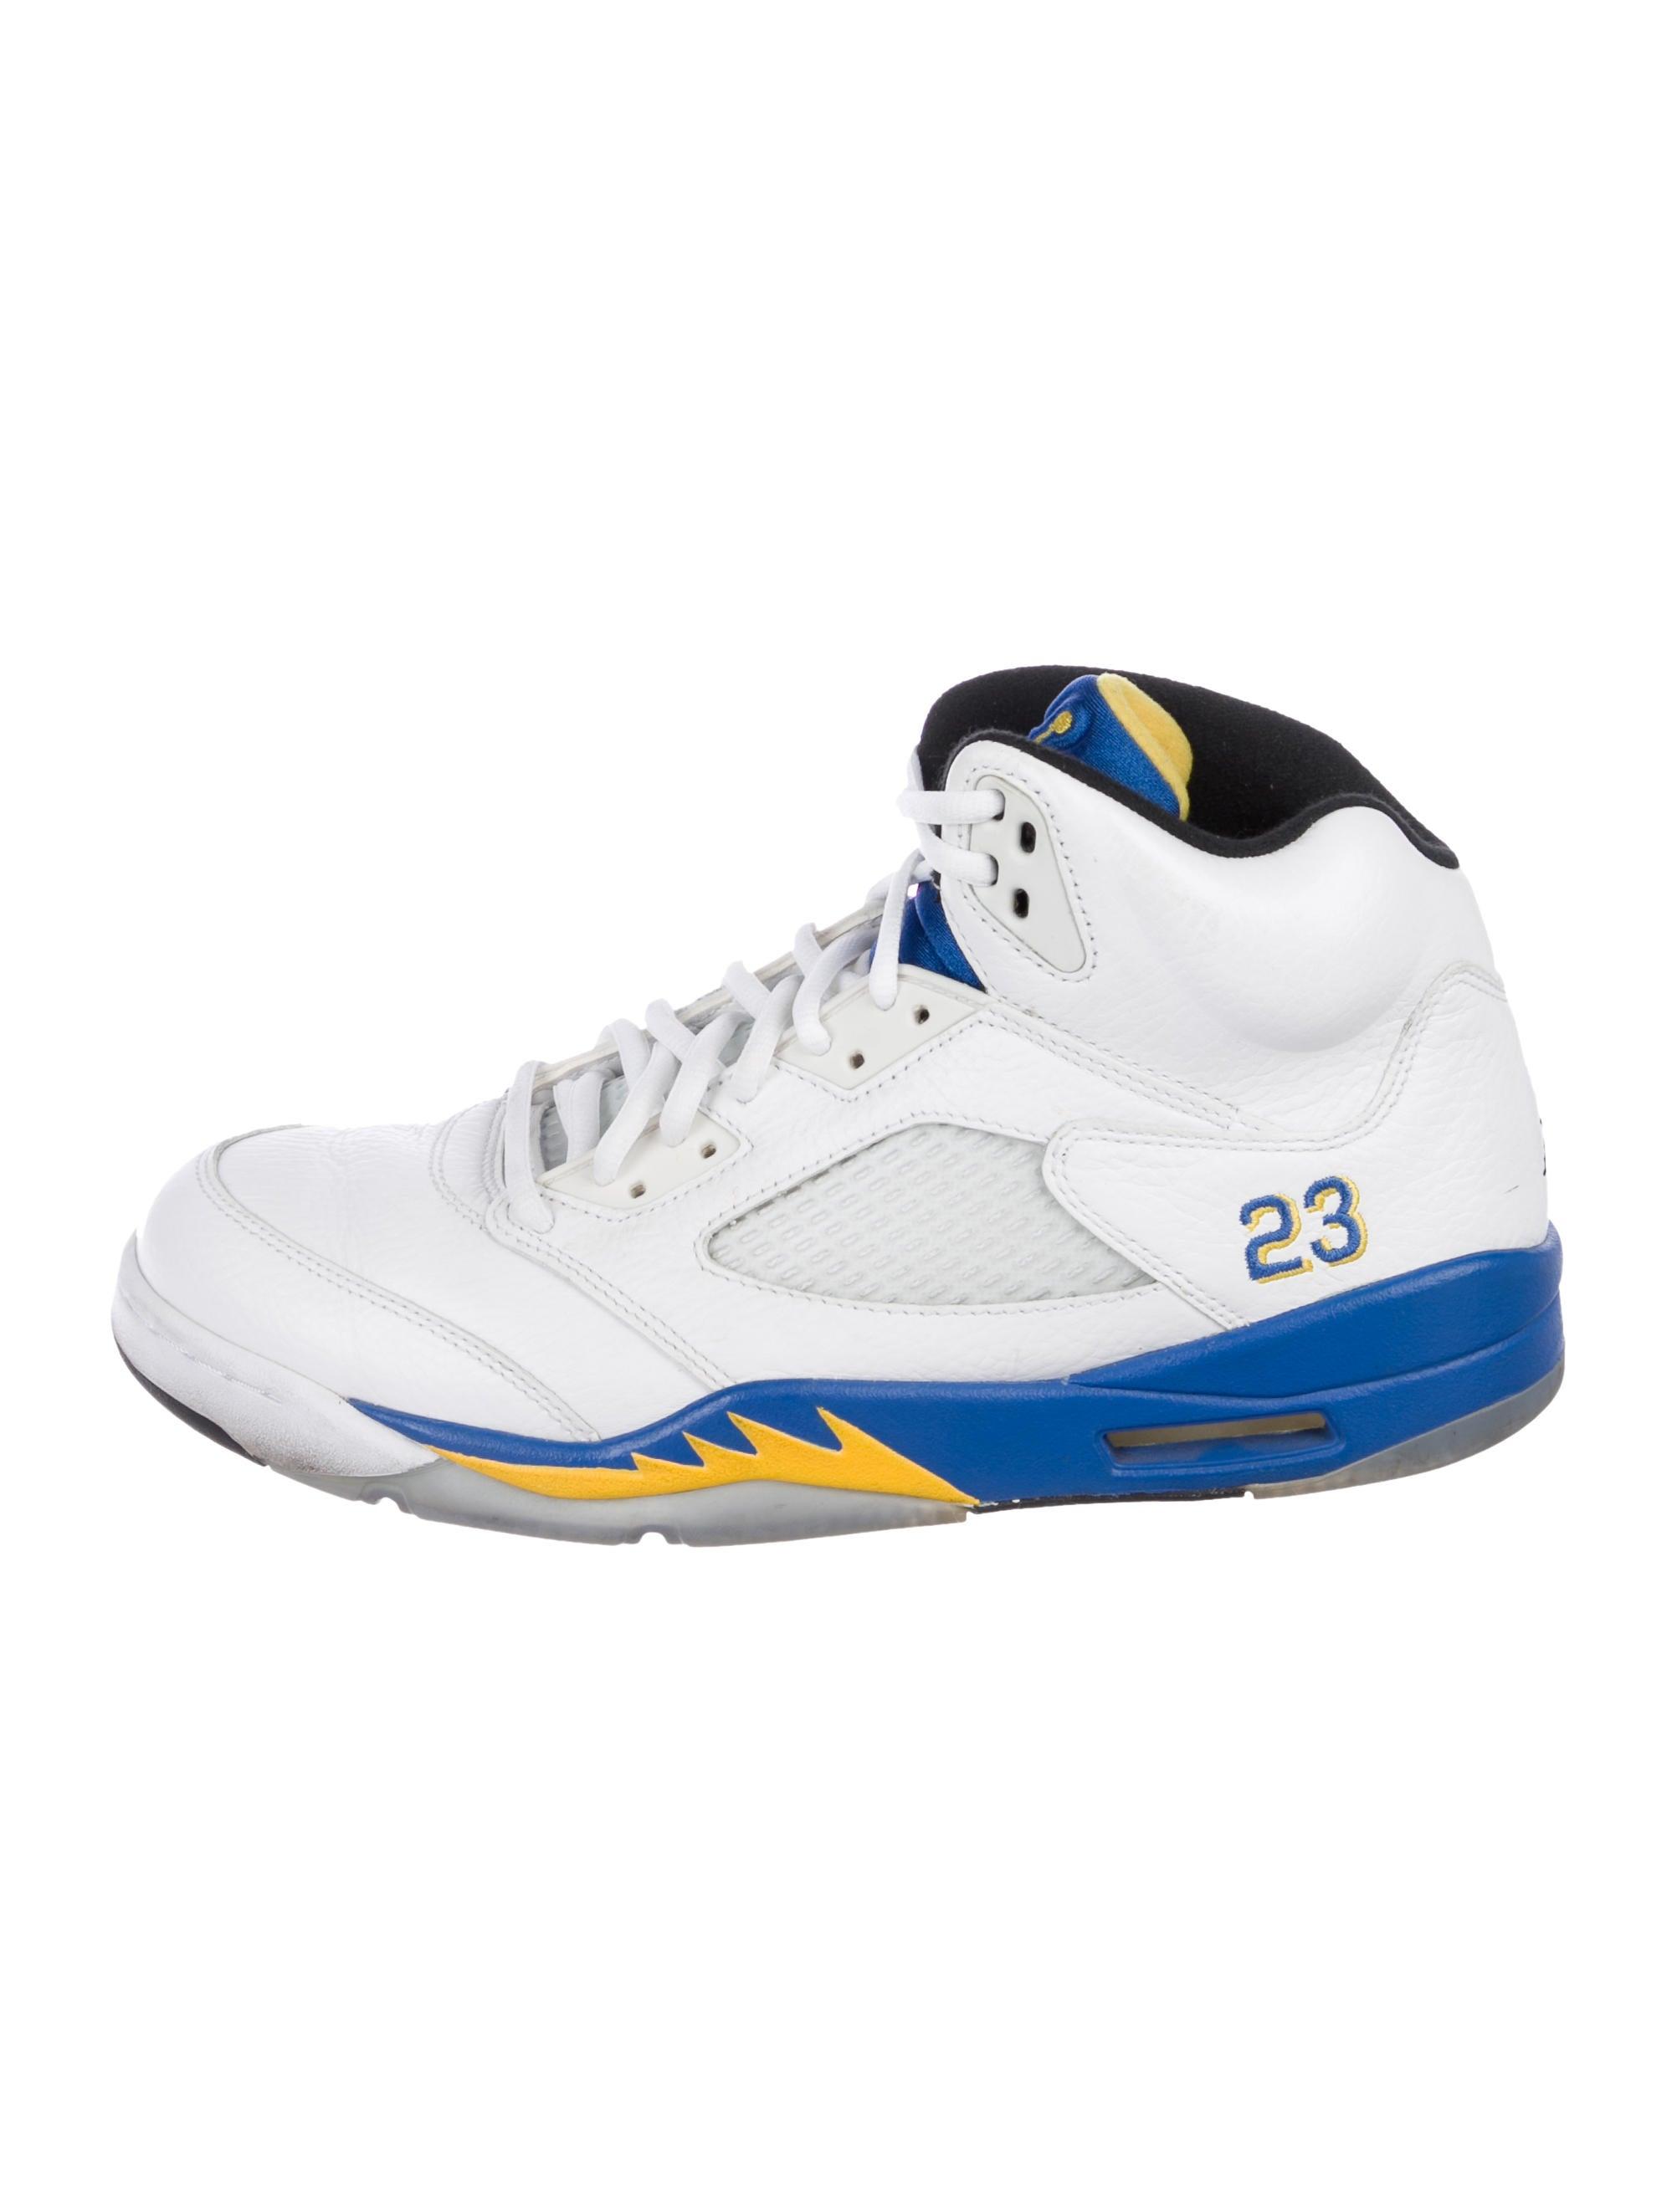 huge selection of a4447 920f0 Jordan Nike Air Jordan Retro 5 Laney Sneakers - Shoes - WJORA20164 ...